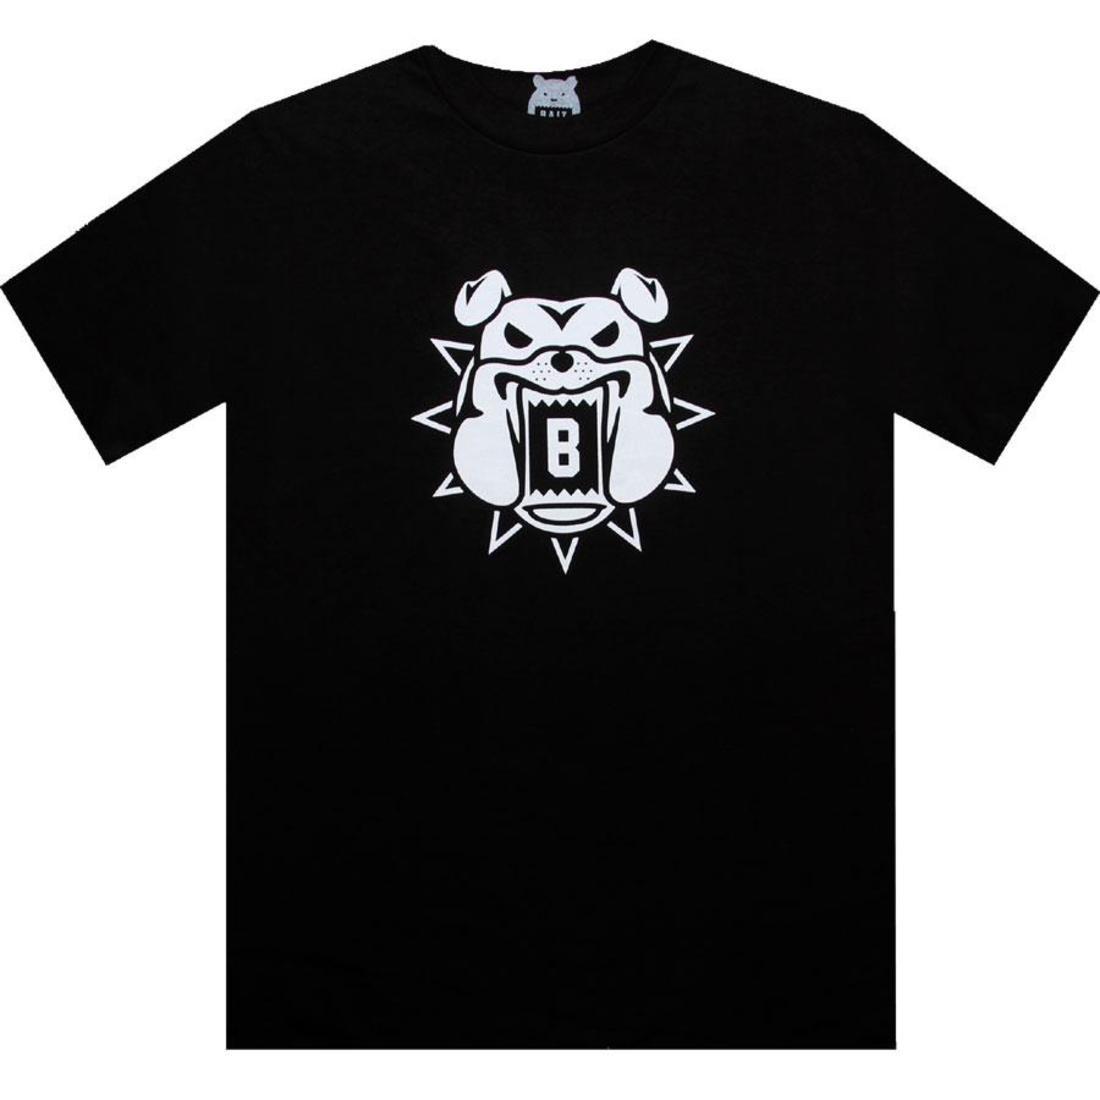 ベイト BAIT Tシャツ 黒 ブラック 白 ホワイト 【 BLACK WHITE BAIT BULLDOG TEE 】 メンズファッション トップス Tシャツ カットソー